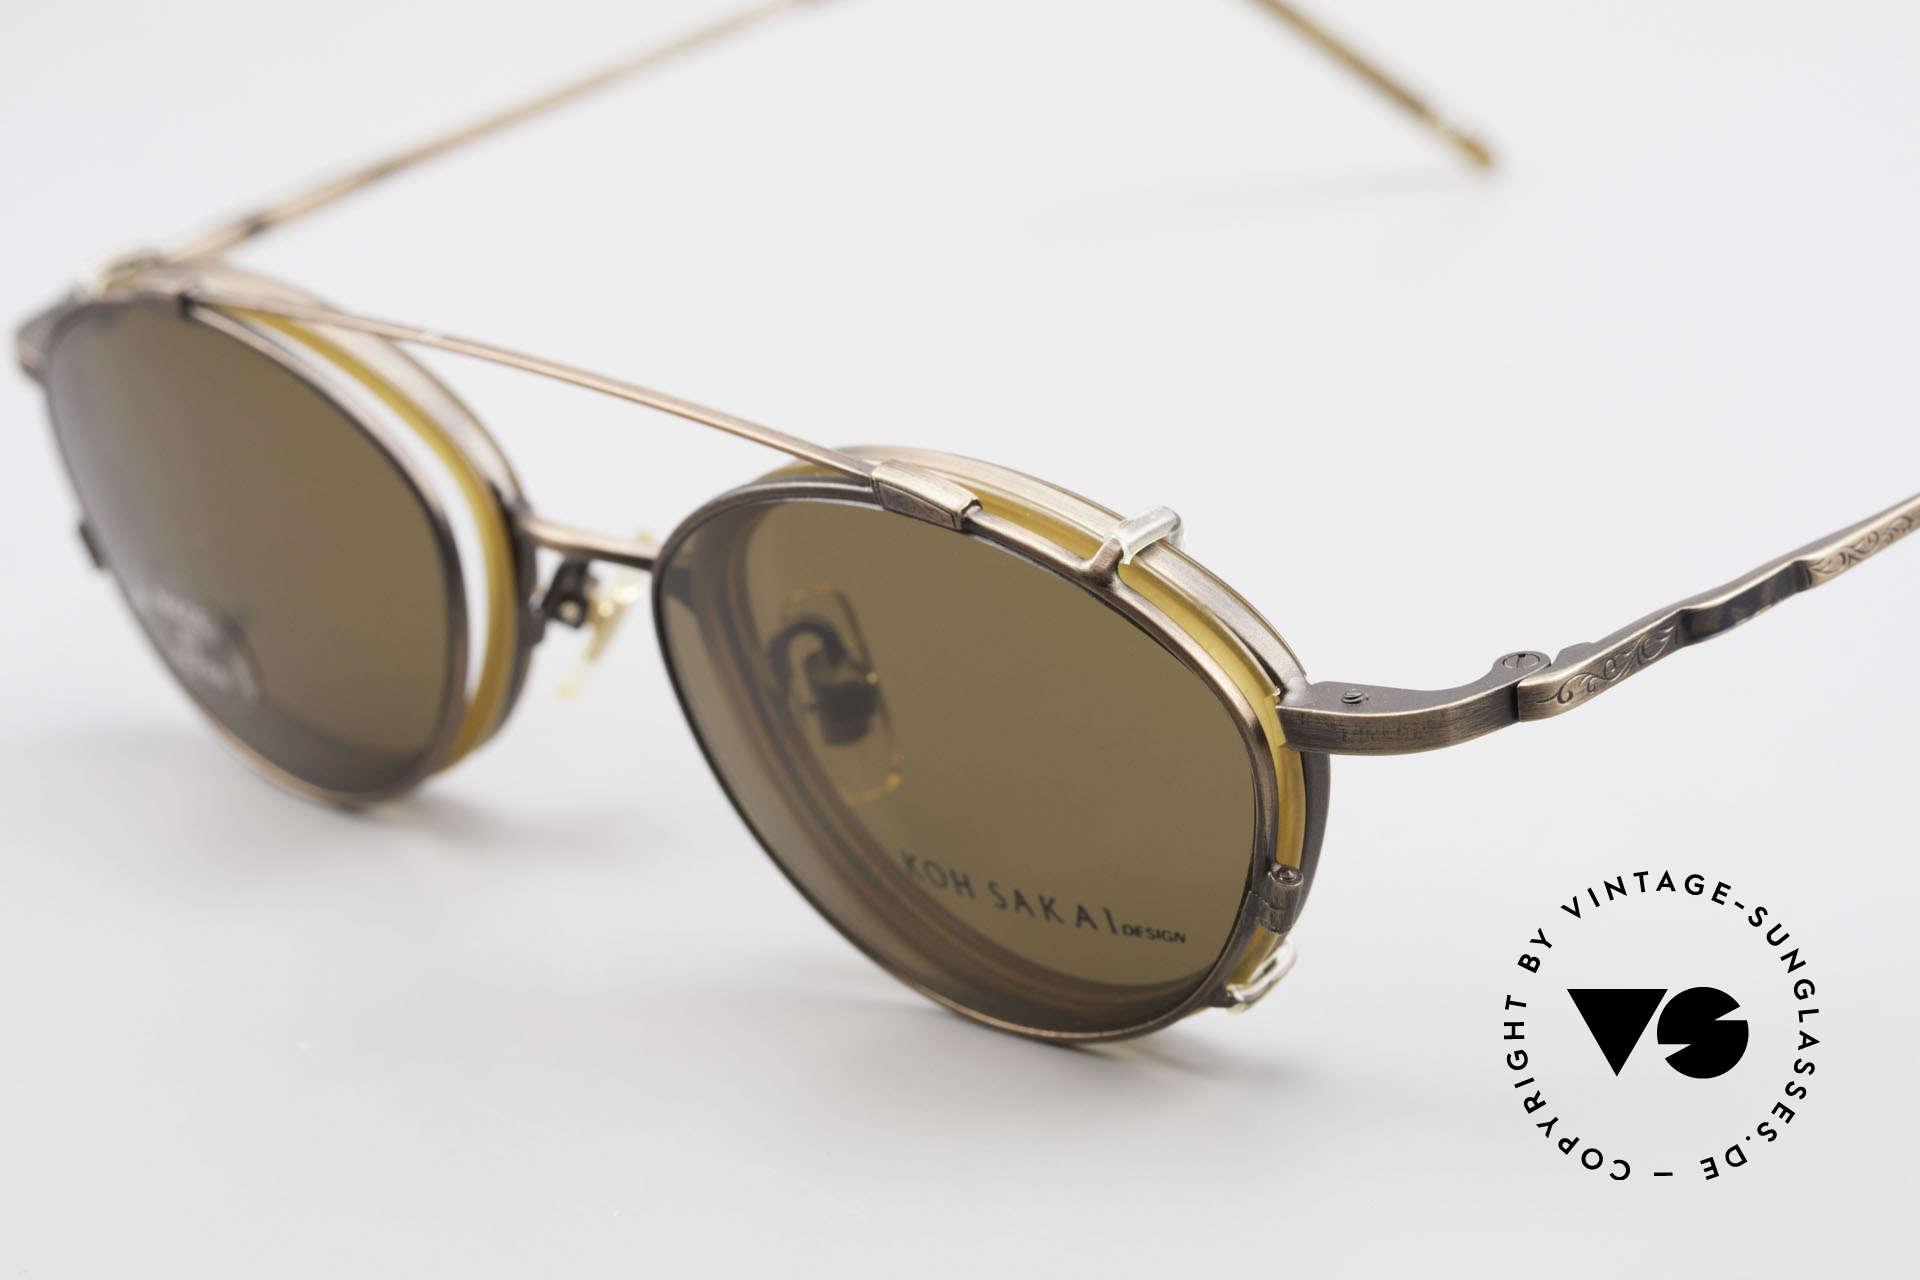 Koh Sakai KS9832 Vintage Brille Mit SonnenClip, aus dem gleichen Werk wie Oliver Peoples und Eyevan, Passend für Herren und Damen